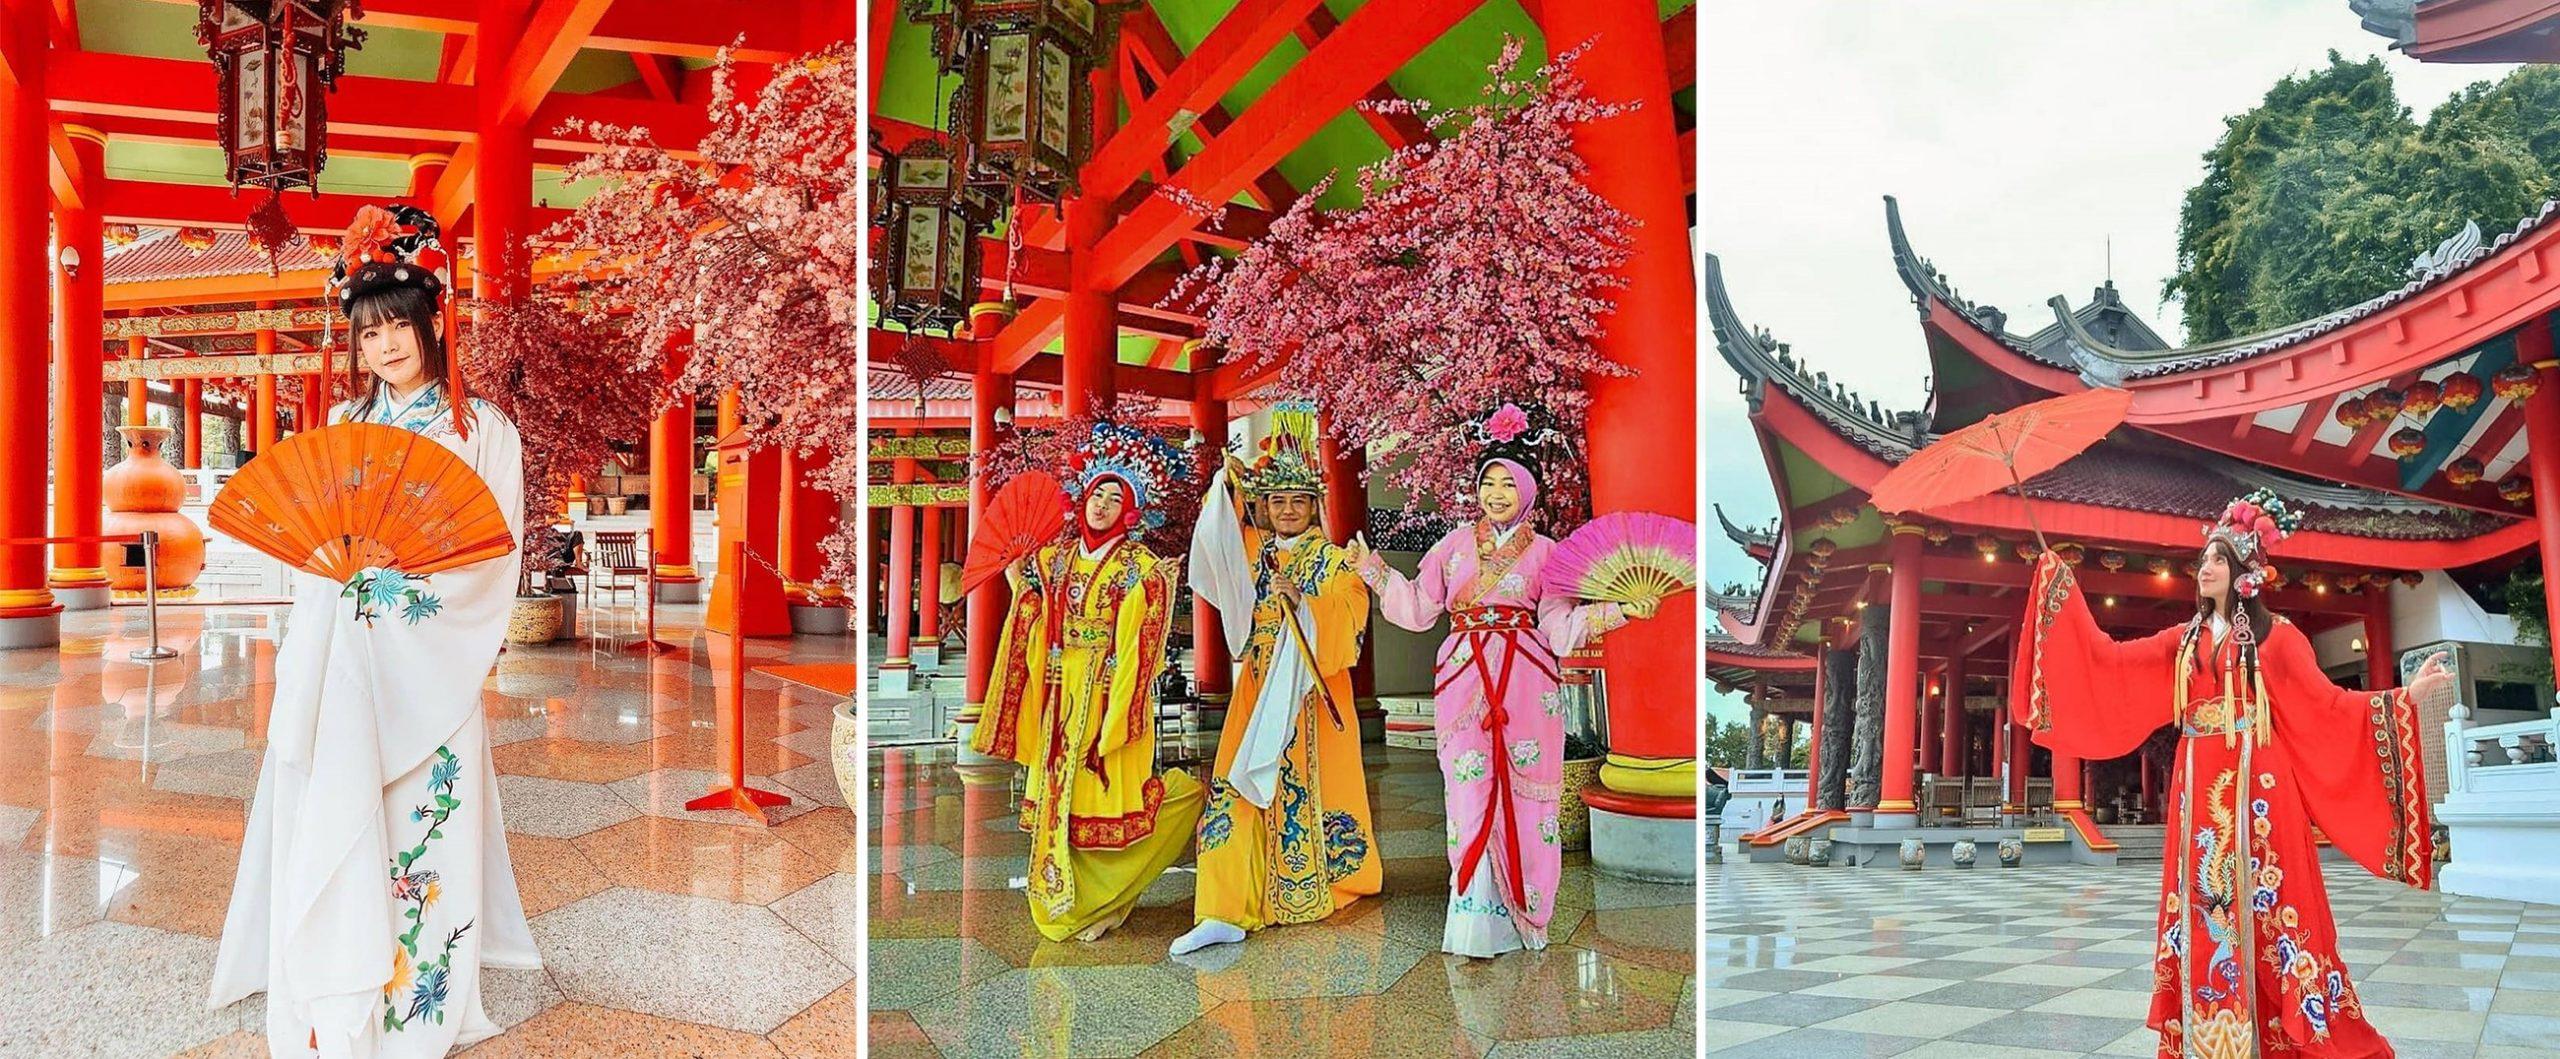 Memakai Pakaian Tradisional China Di Sam Poo Kong